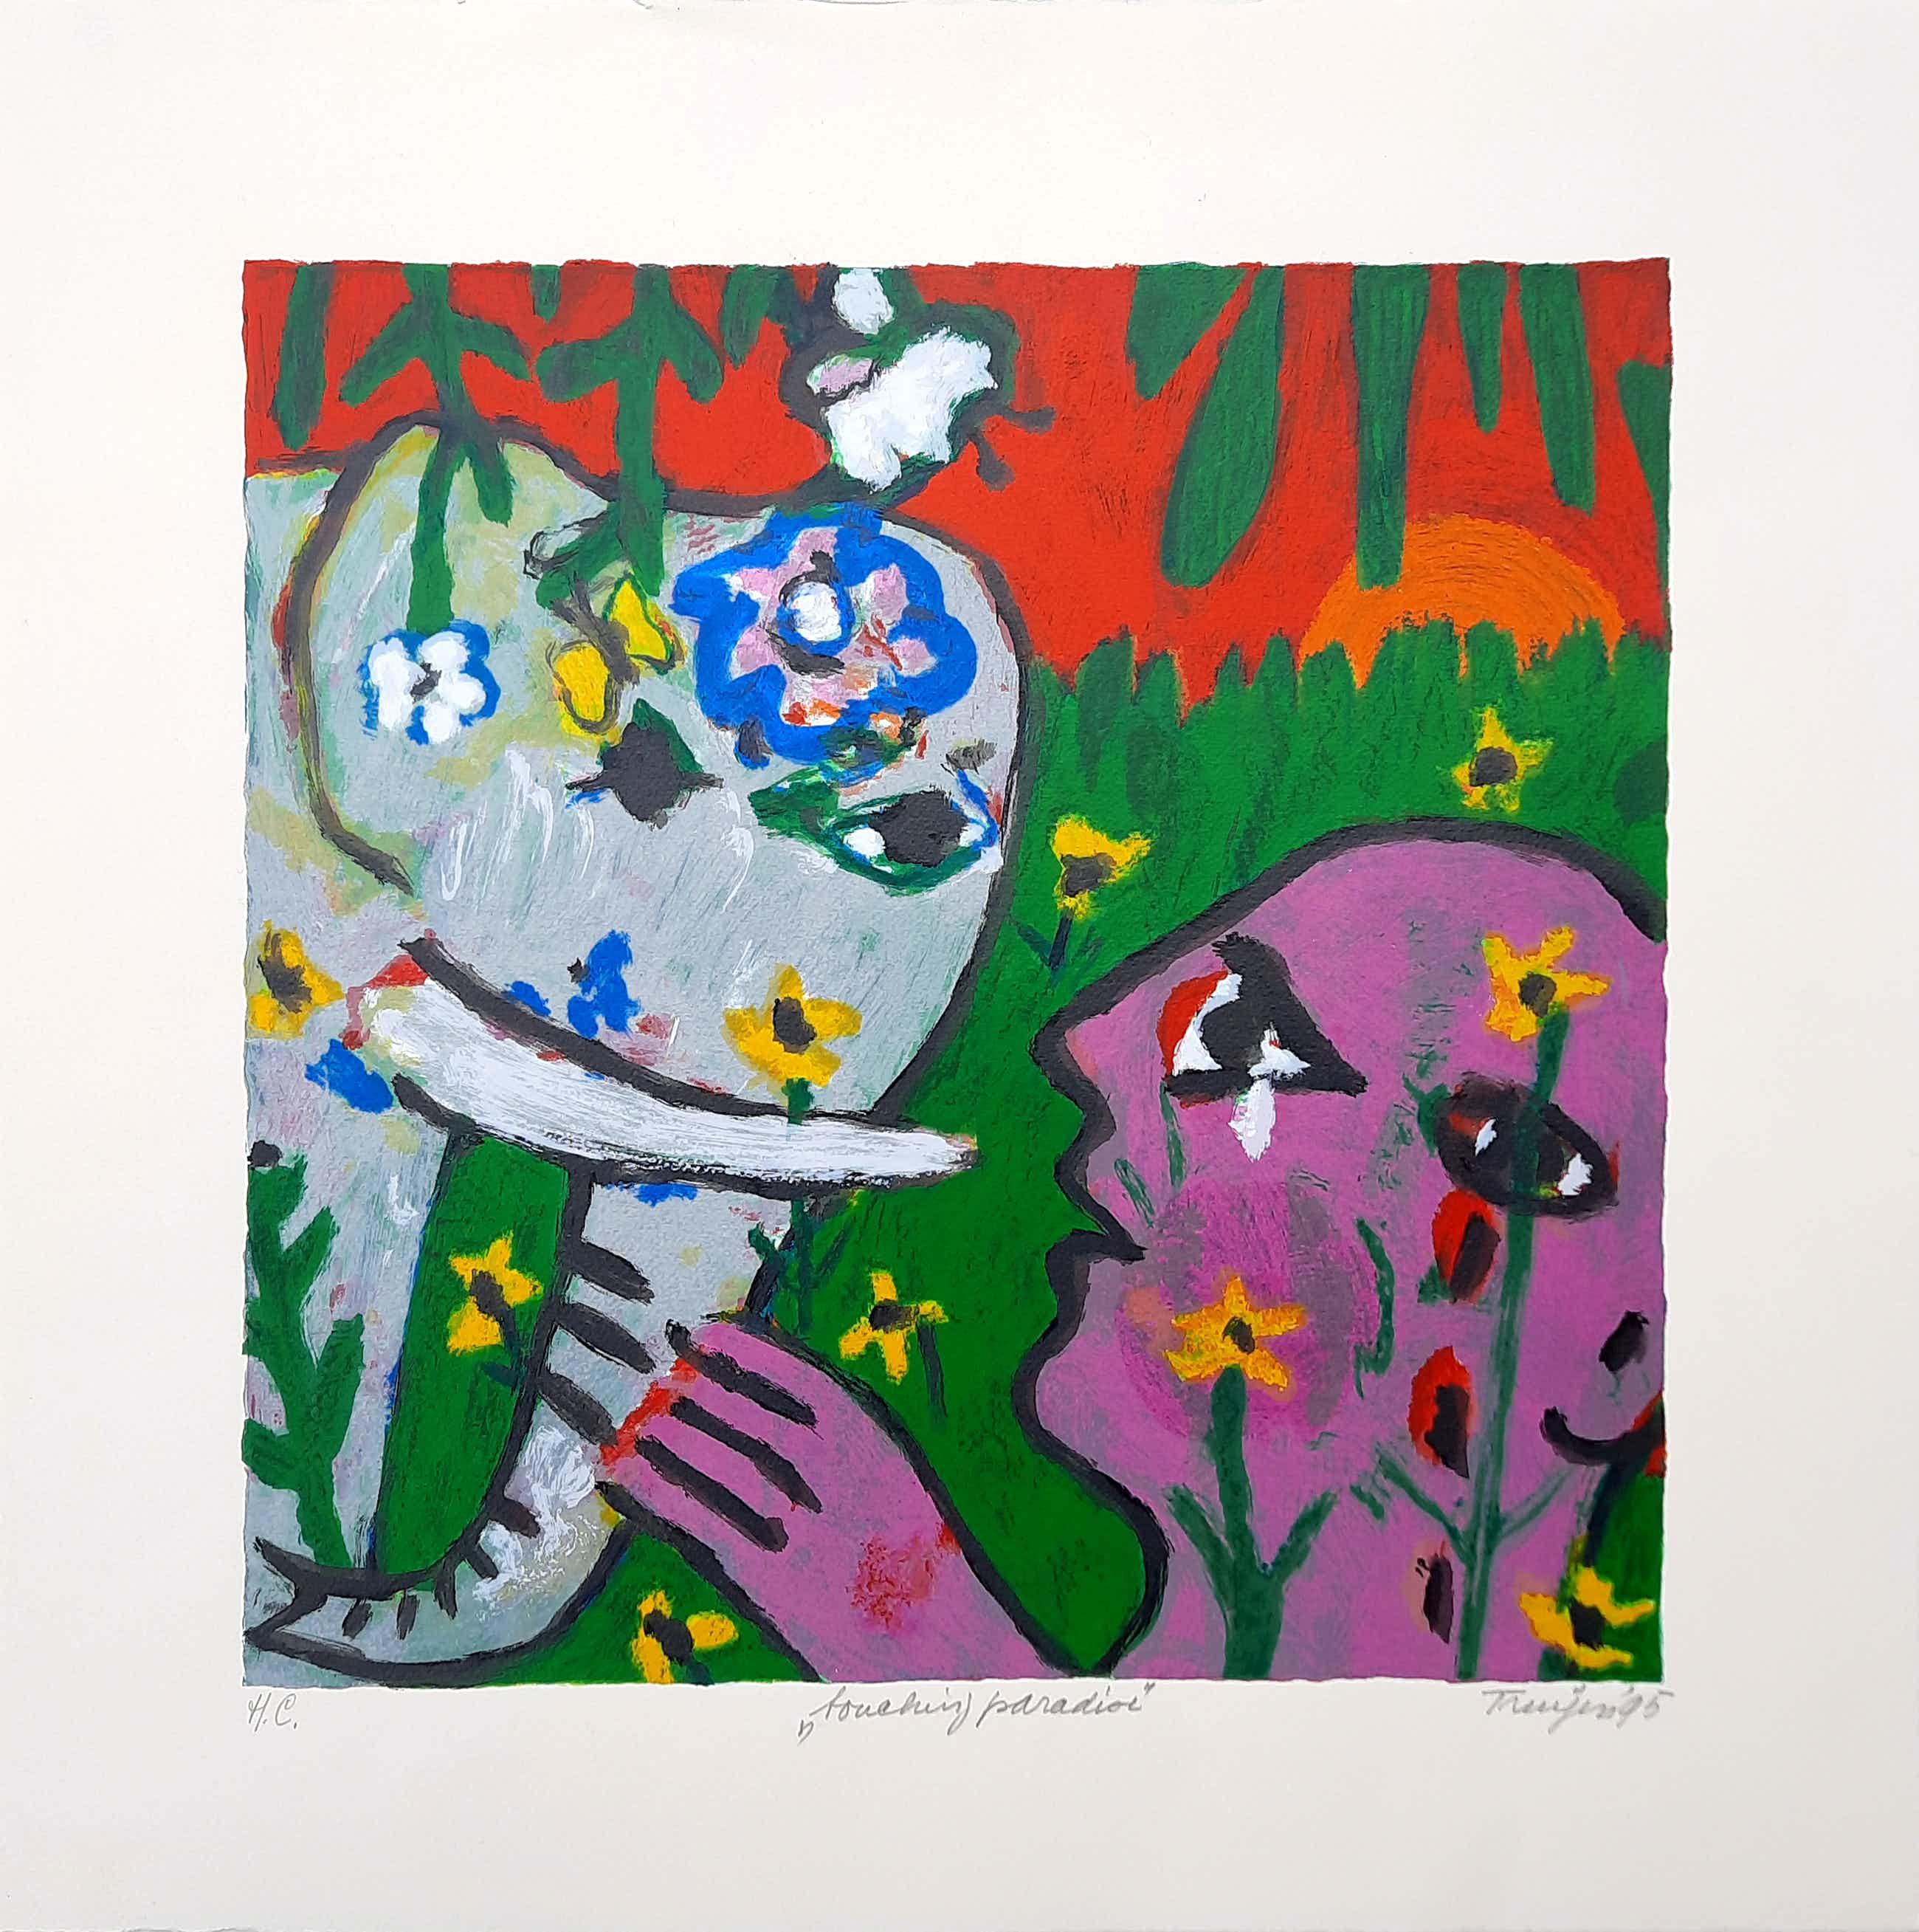 Hans Truijen - kleurenzeefdruk | 'Touching Paradise' H.C. | 1995 | 21490 kopen? Bied vanaf 85!